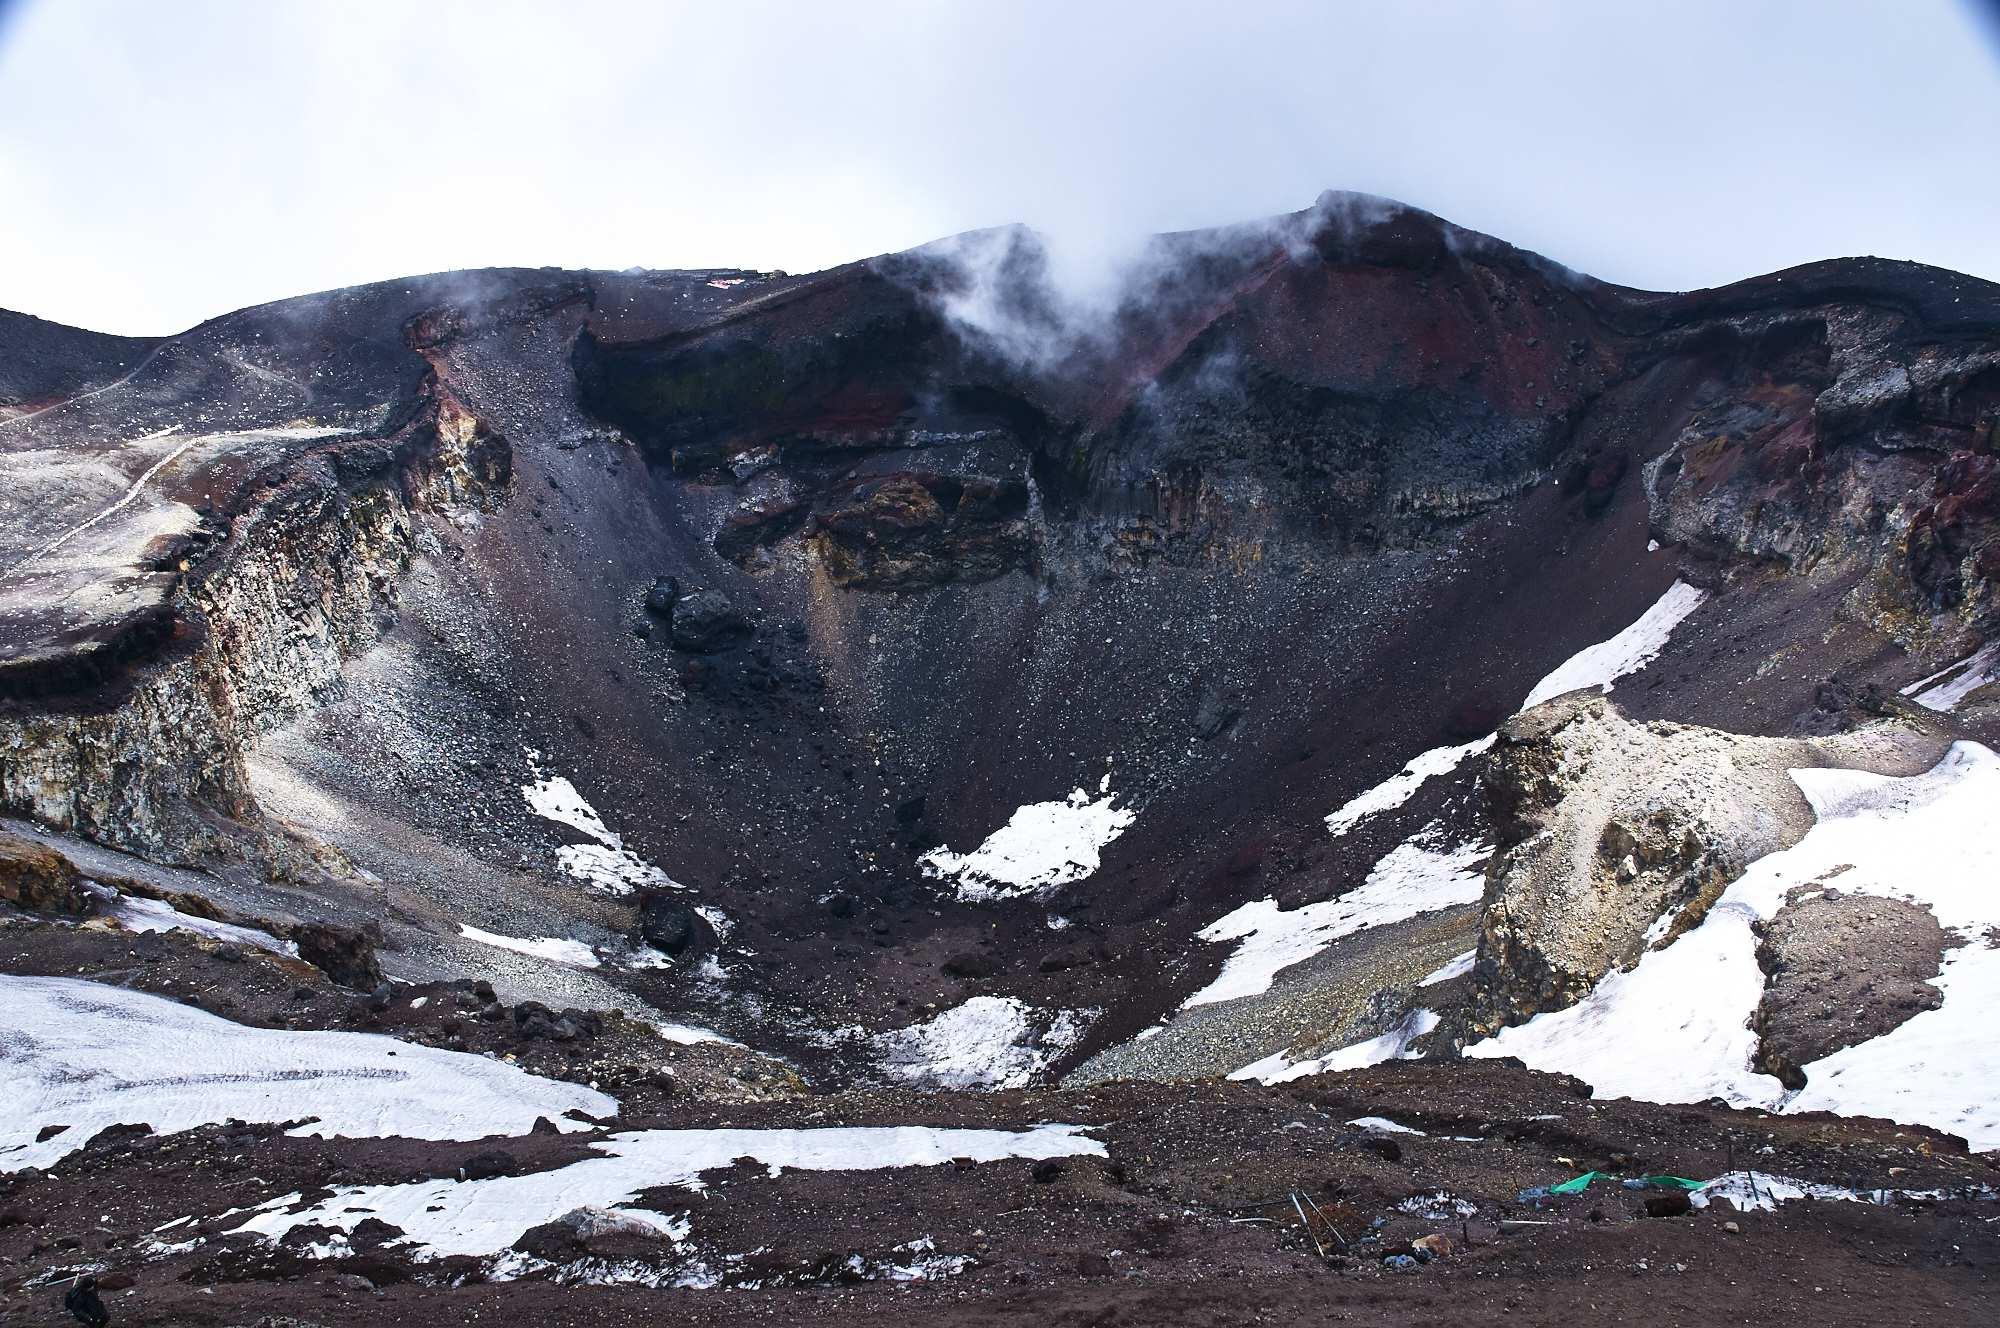 富士山の山頂の火口